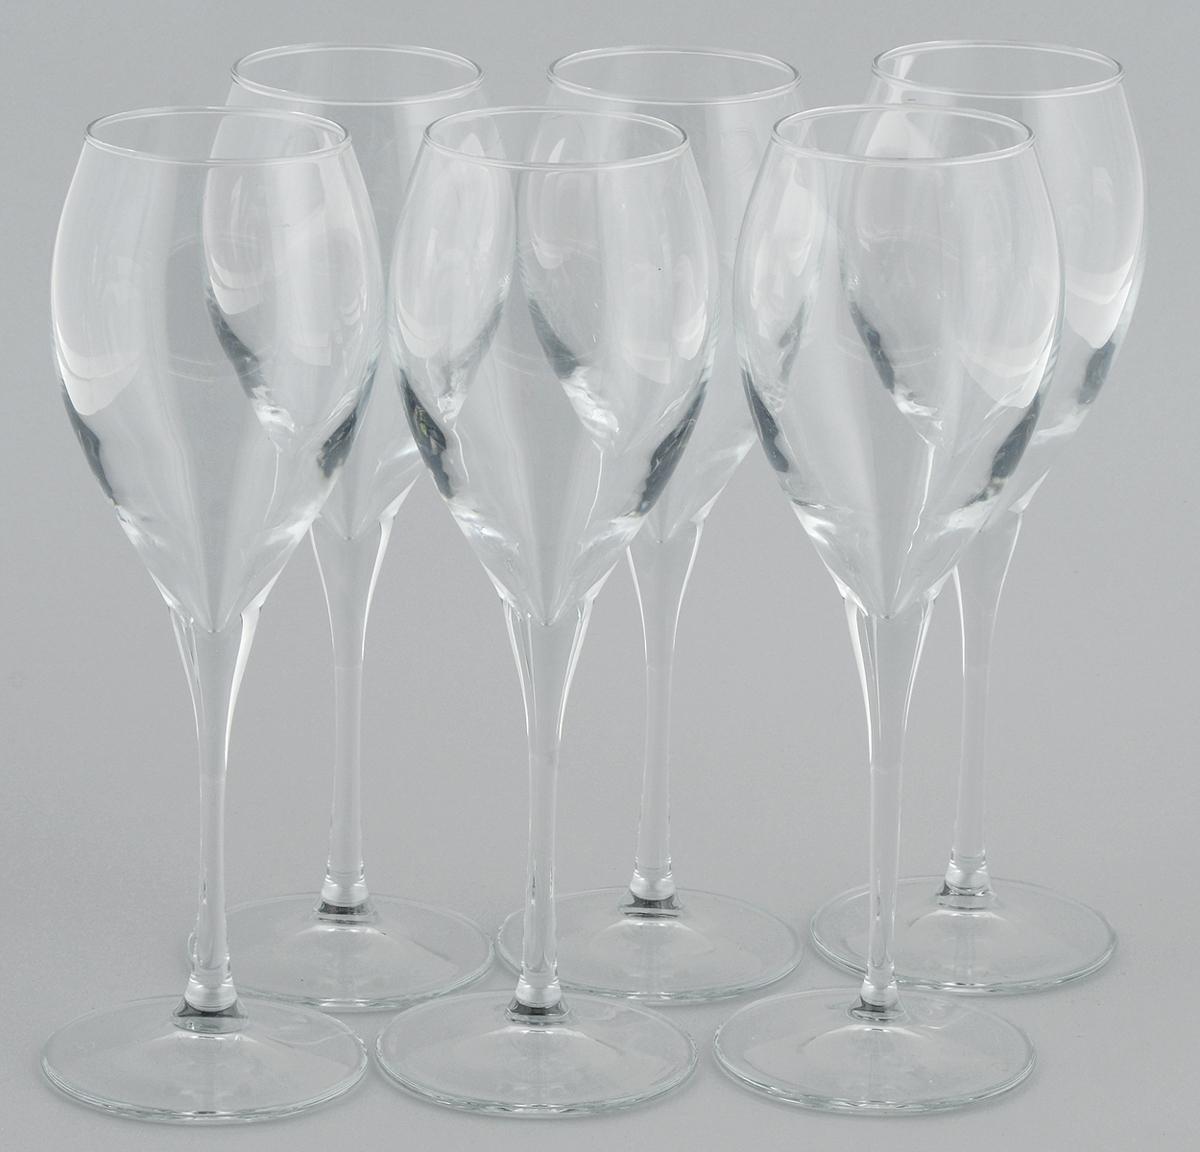 Набор бокалов для вина Pasabahce Monte Carlo, 325 мл, 6 шт440091BНабор Pasabahce Monte Carlo состоит из шести бокалов, выполненных из прочного натрий-кальций-силикатного стекла. Изделия оснащены высокими ножками и предназначены для подачи вина. Они сочетают в себе элегантный дизайн и функциональность. Набор бокалов Pasabahce Monte Carlo прекрасно оформит праздничный стол и создаст приятную атмосферу за романтическим ужином. Такой набор также станет хорошим подарком к любому случаю.